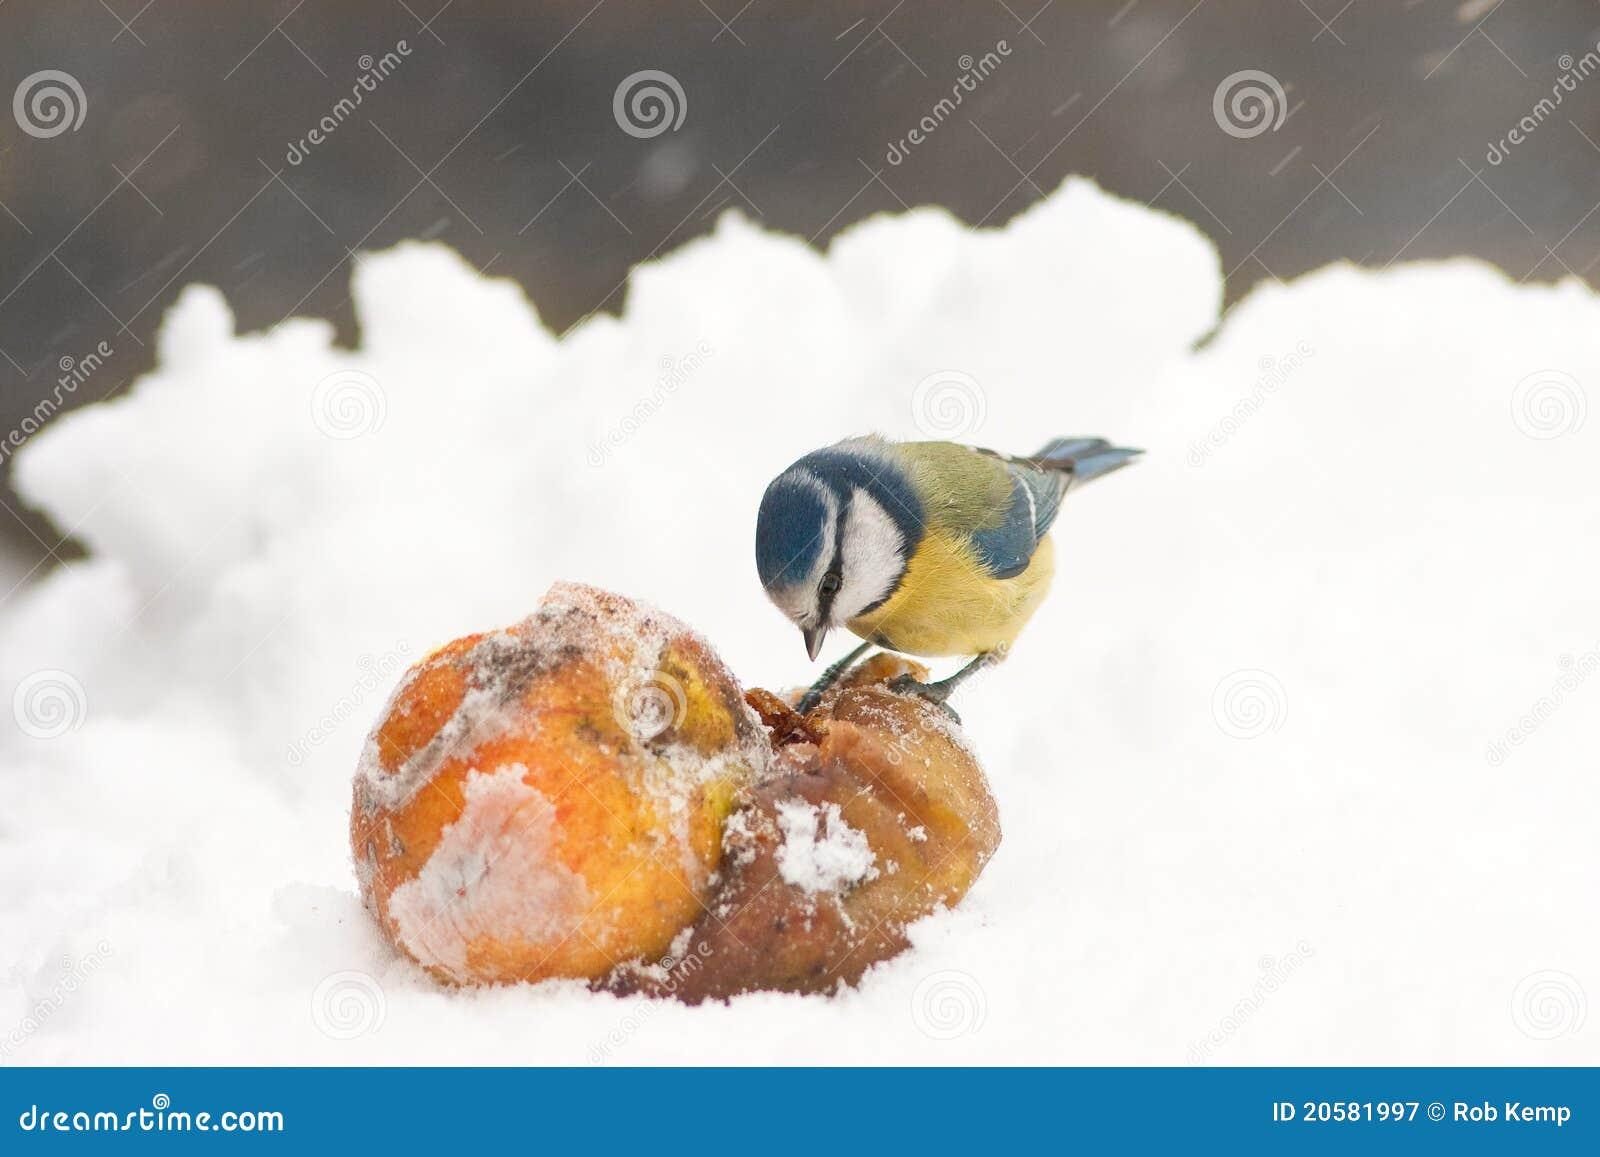 För snowtit för äpplen blå europeisk picka vinter